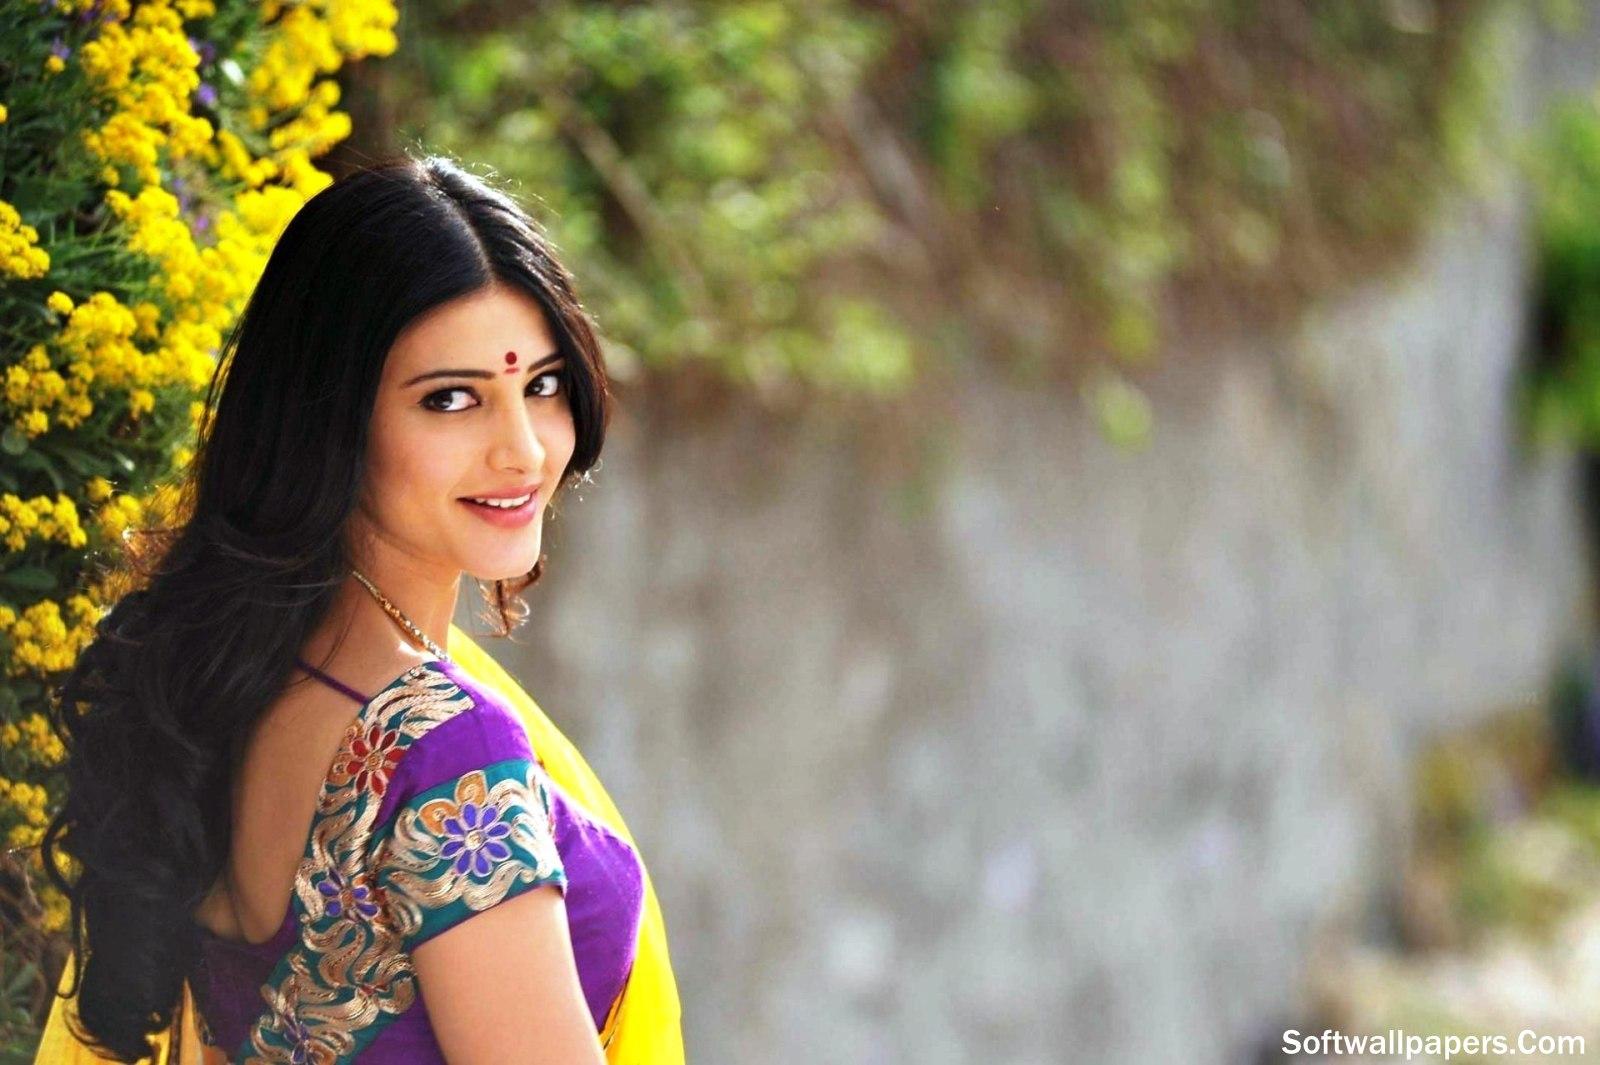 shruti haasan bollywood actress hot hd wallpapers   soft wallpapers